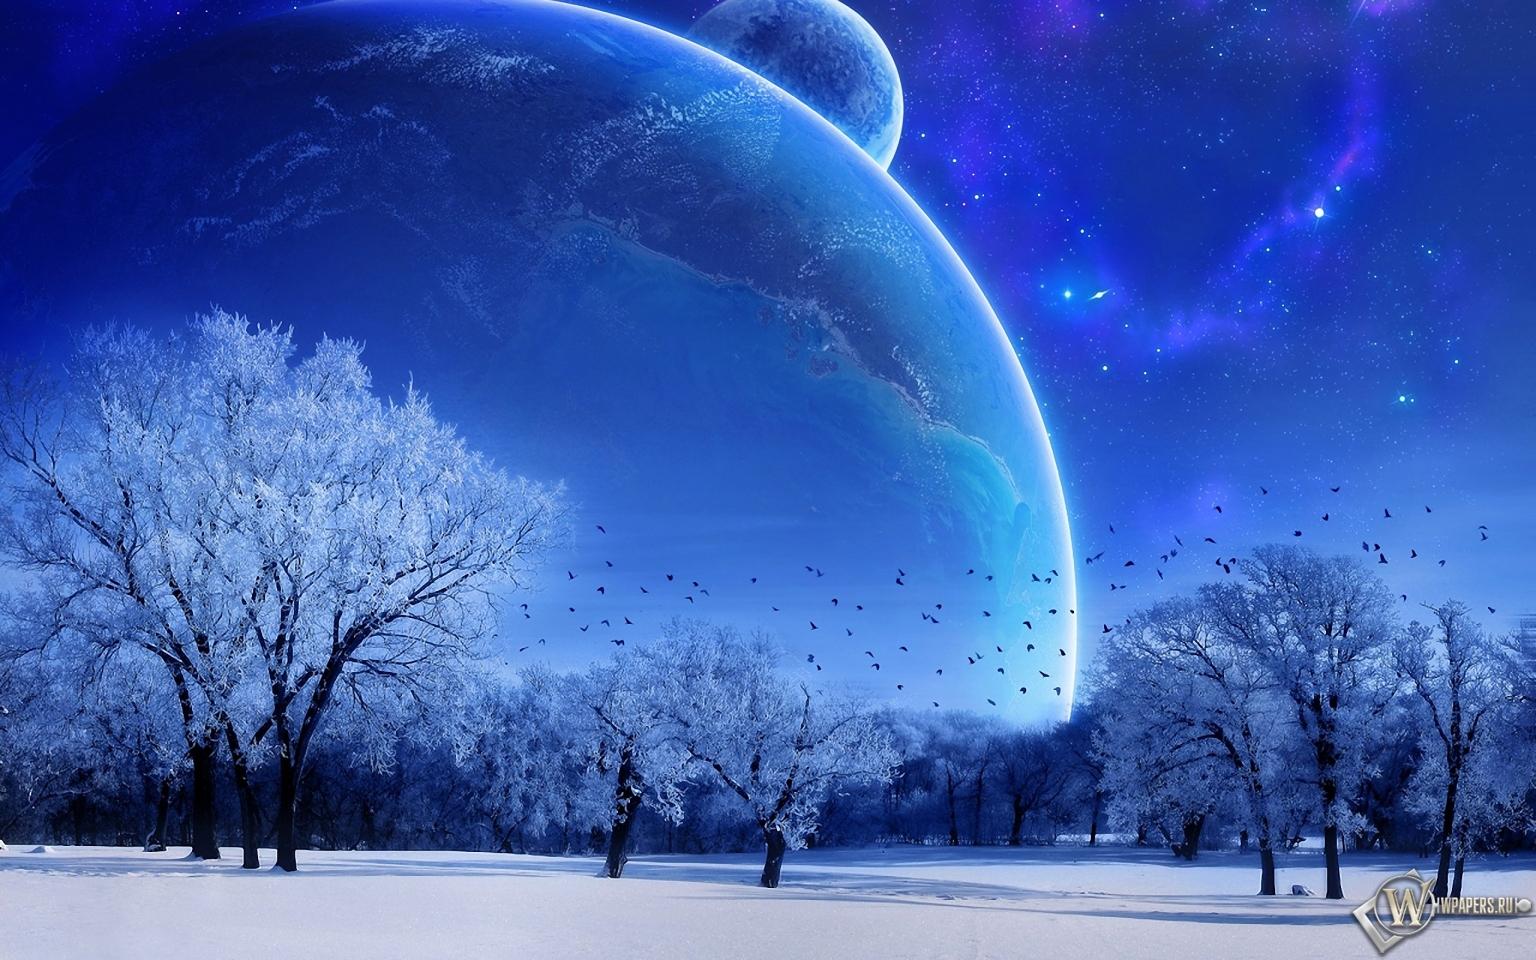 Зимняя фантазия 1536x960